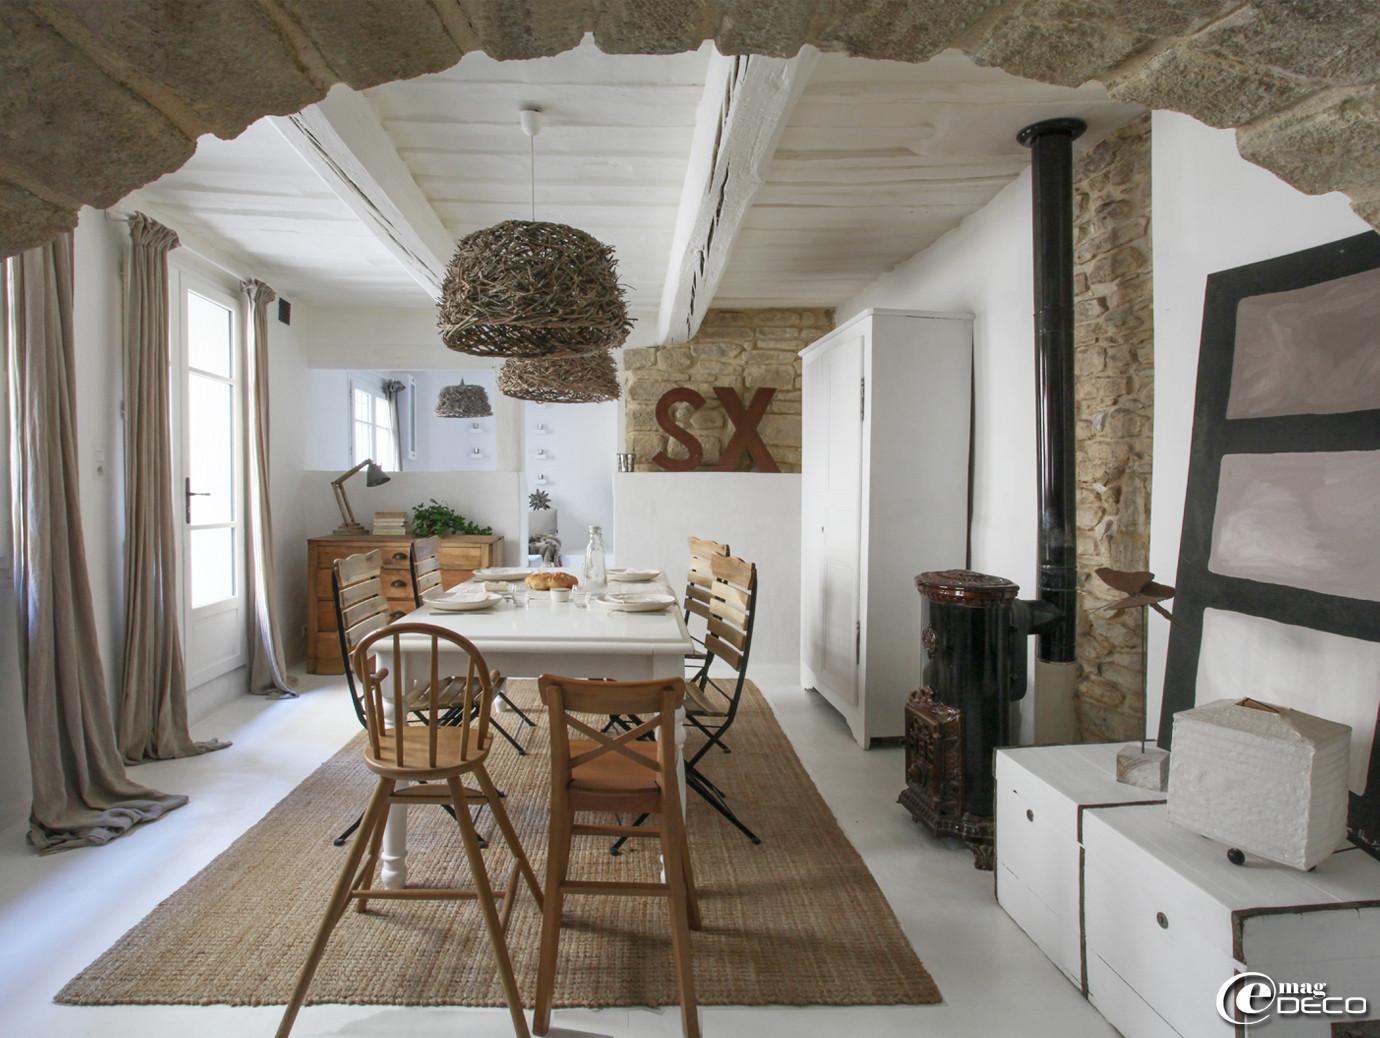 Decoration Provencale Interieur